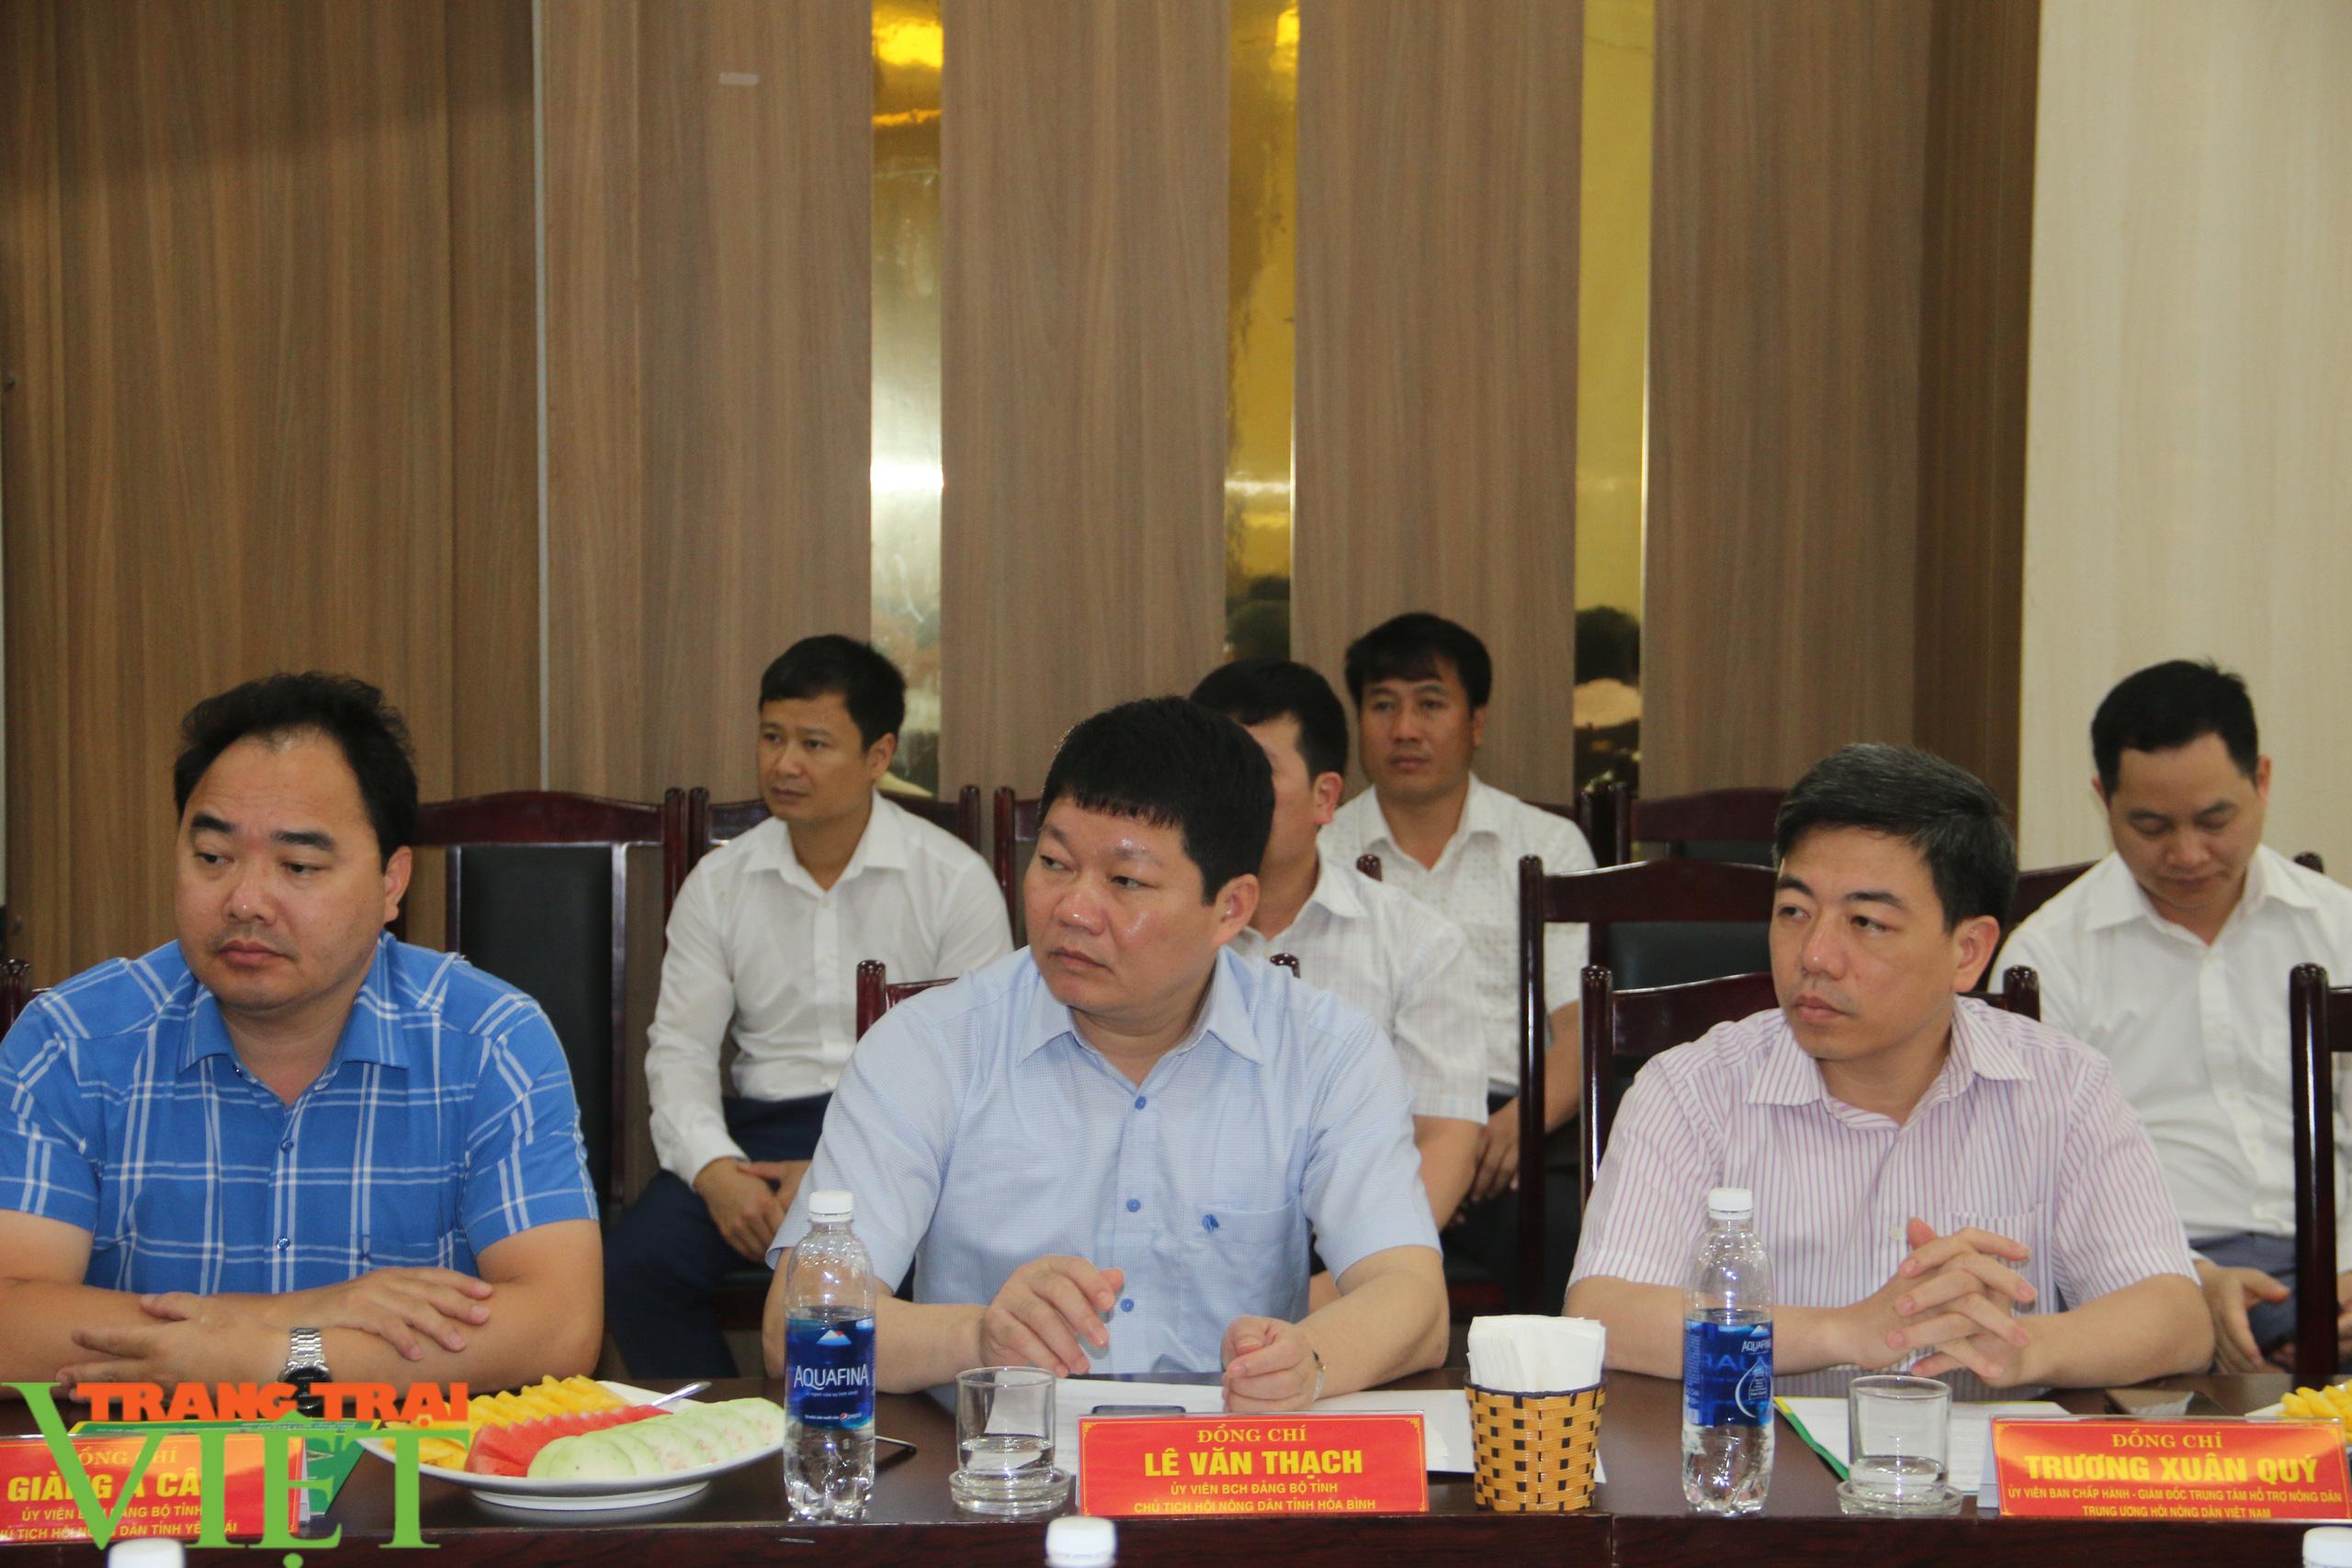 Hội viên nông dân Hòa Bình: Khẳng định vai trò nòng cốt trong XDNTM - Ảnh 4.